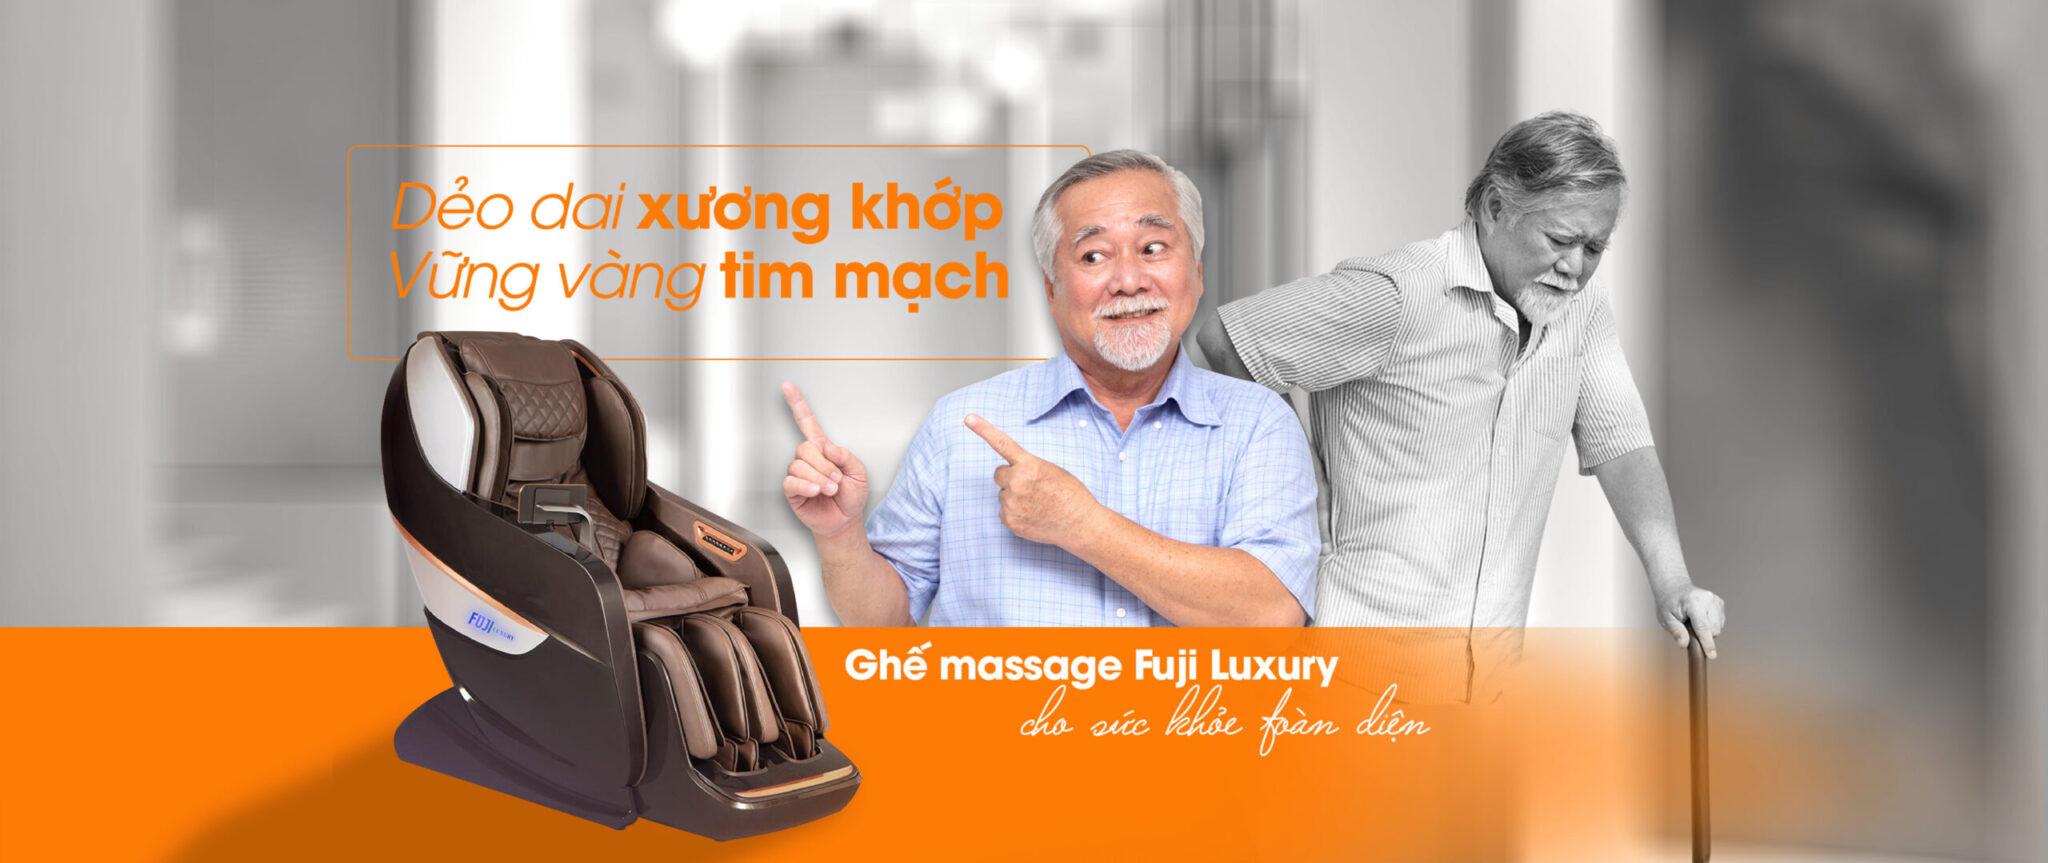 Ghế massage cho mọi nhà